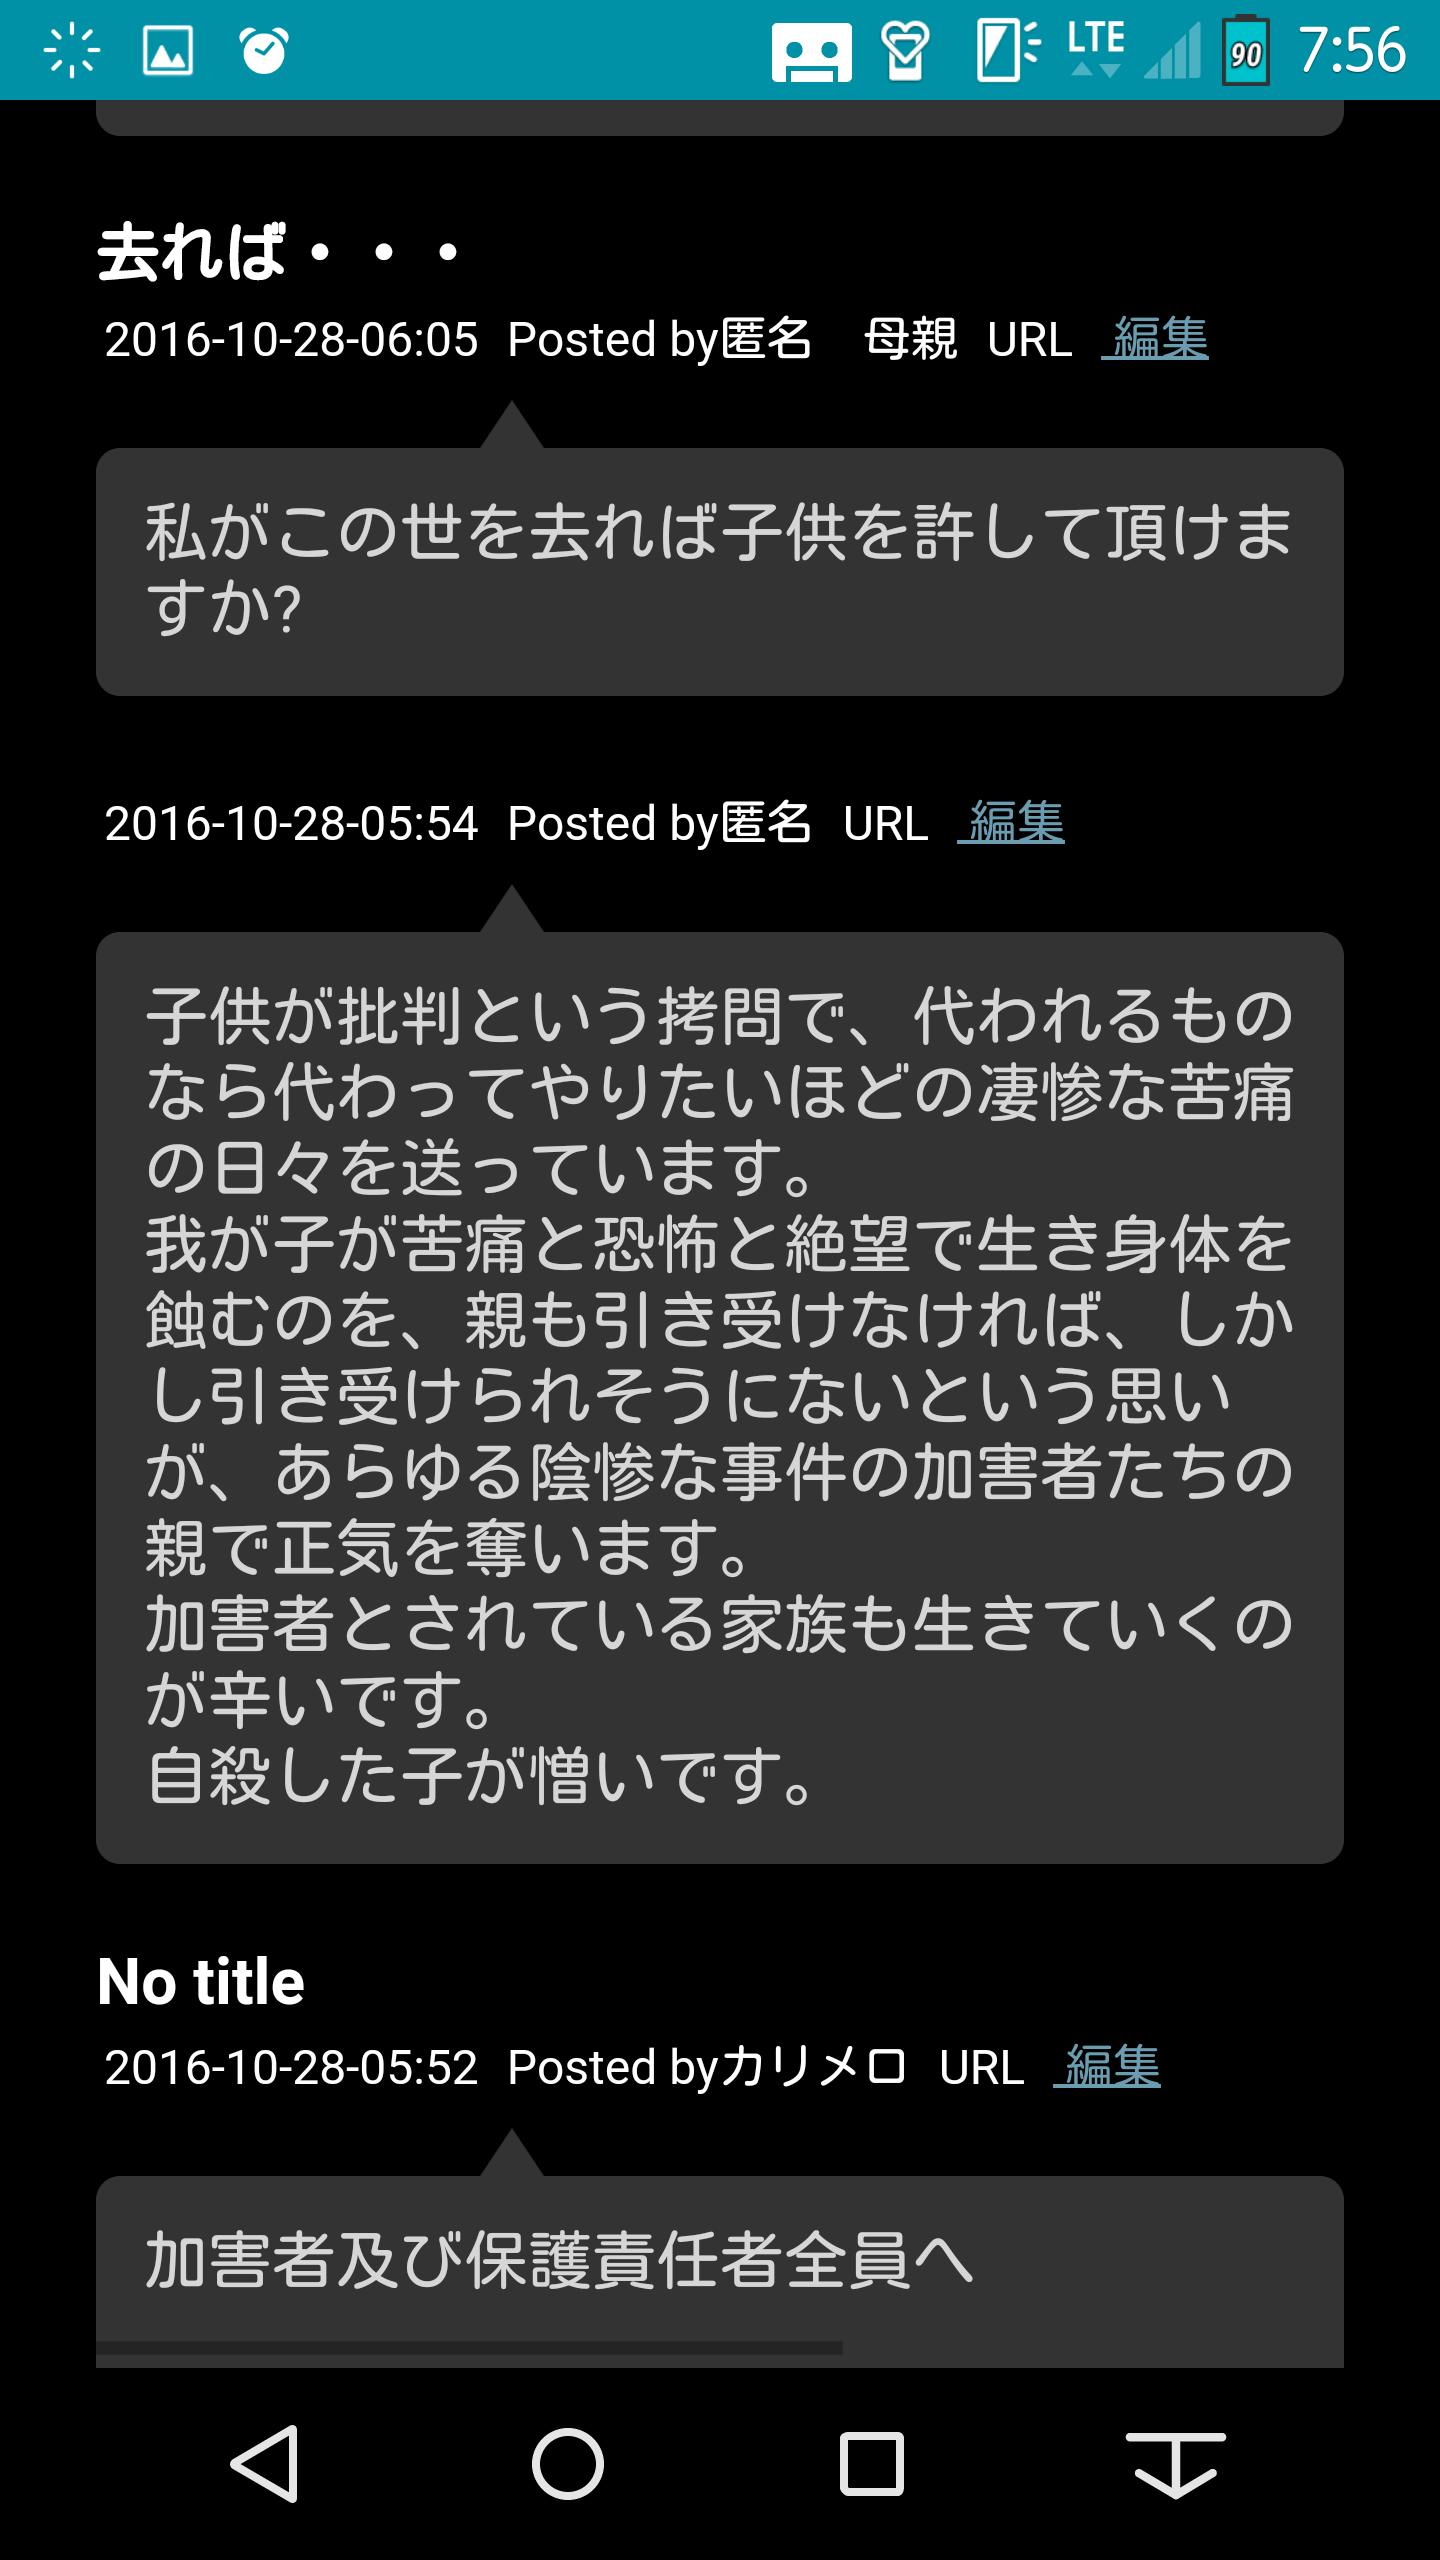 【青森】中2女子自殺、スマホアプリに遺書「もういじめないでください」 いじめた生徒の実名も 3 [無断転載禁止]©2ch.netYouTube動画>2本 ->画像>48枚